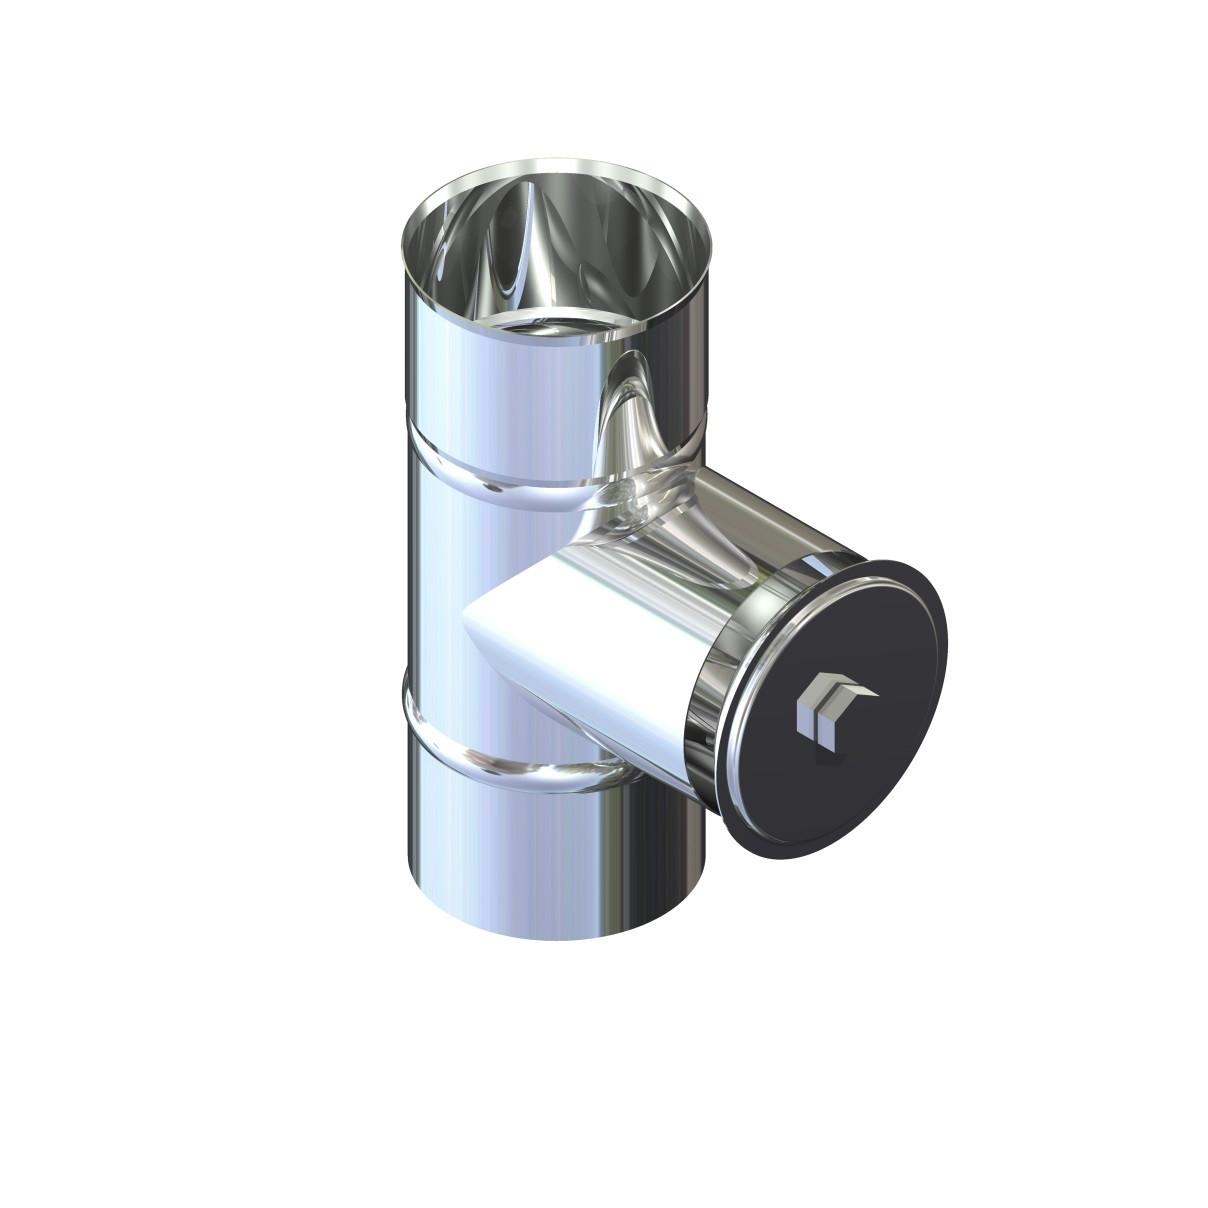 Ревизия дымоходная нержавейка D-110 мм толщина 1 мм